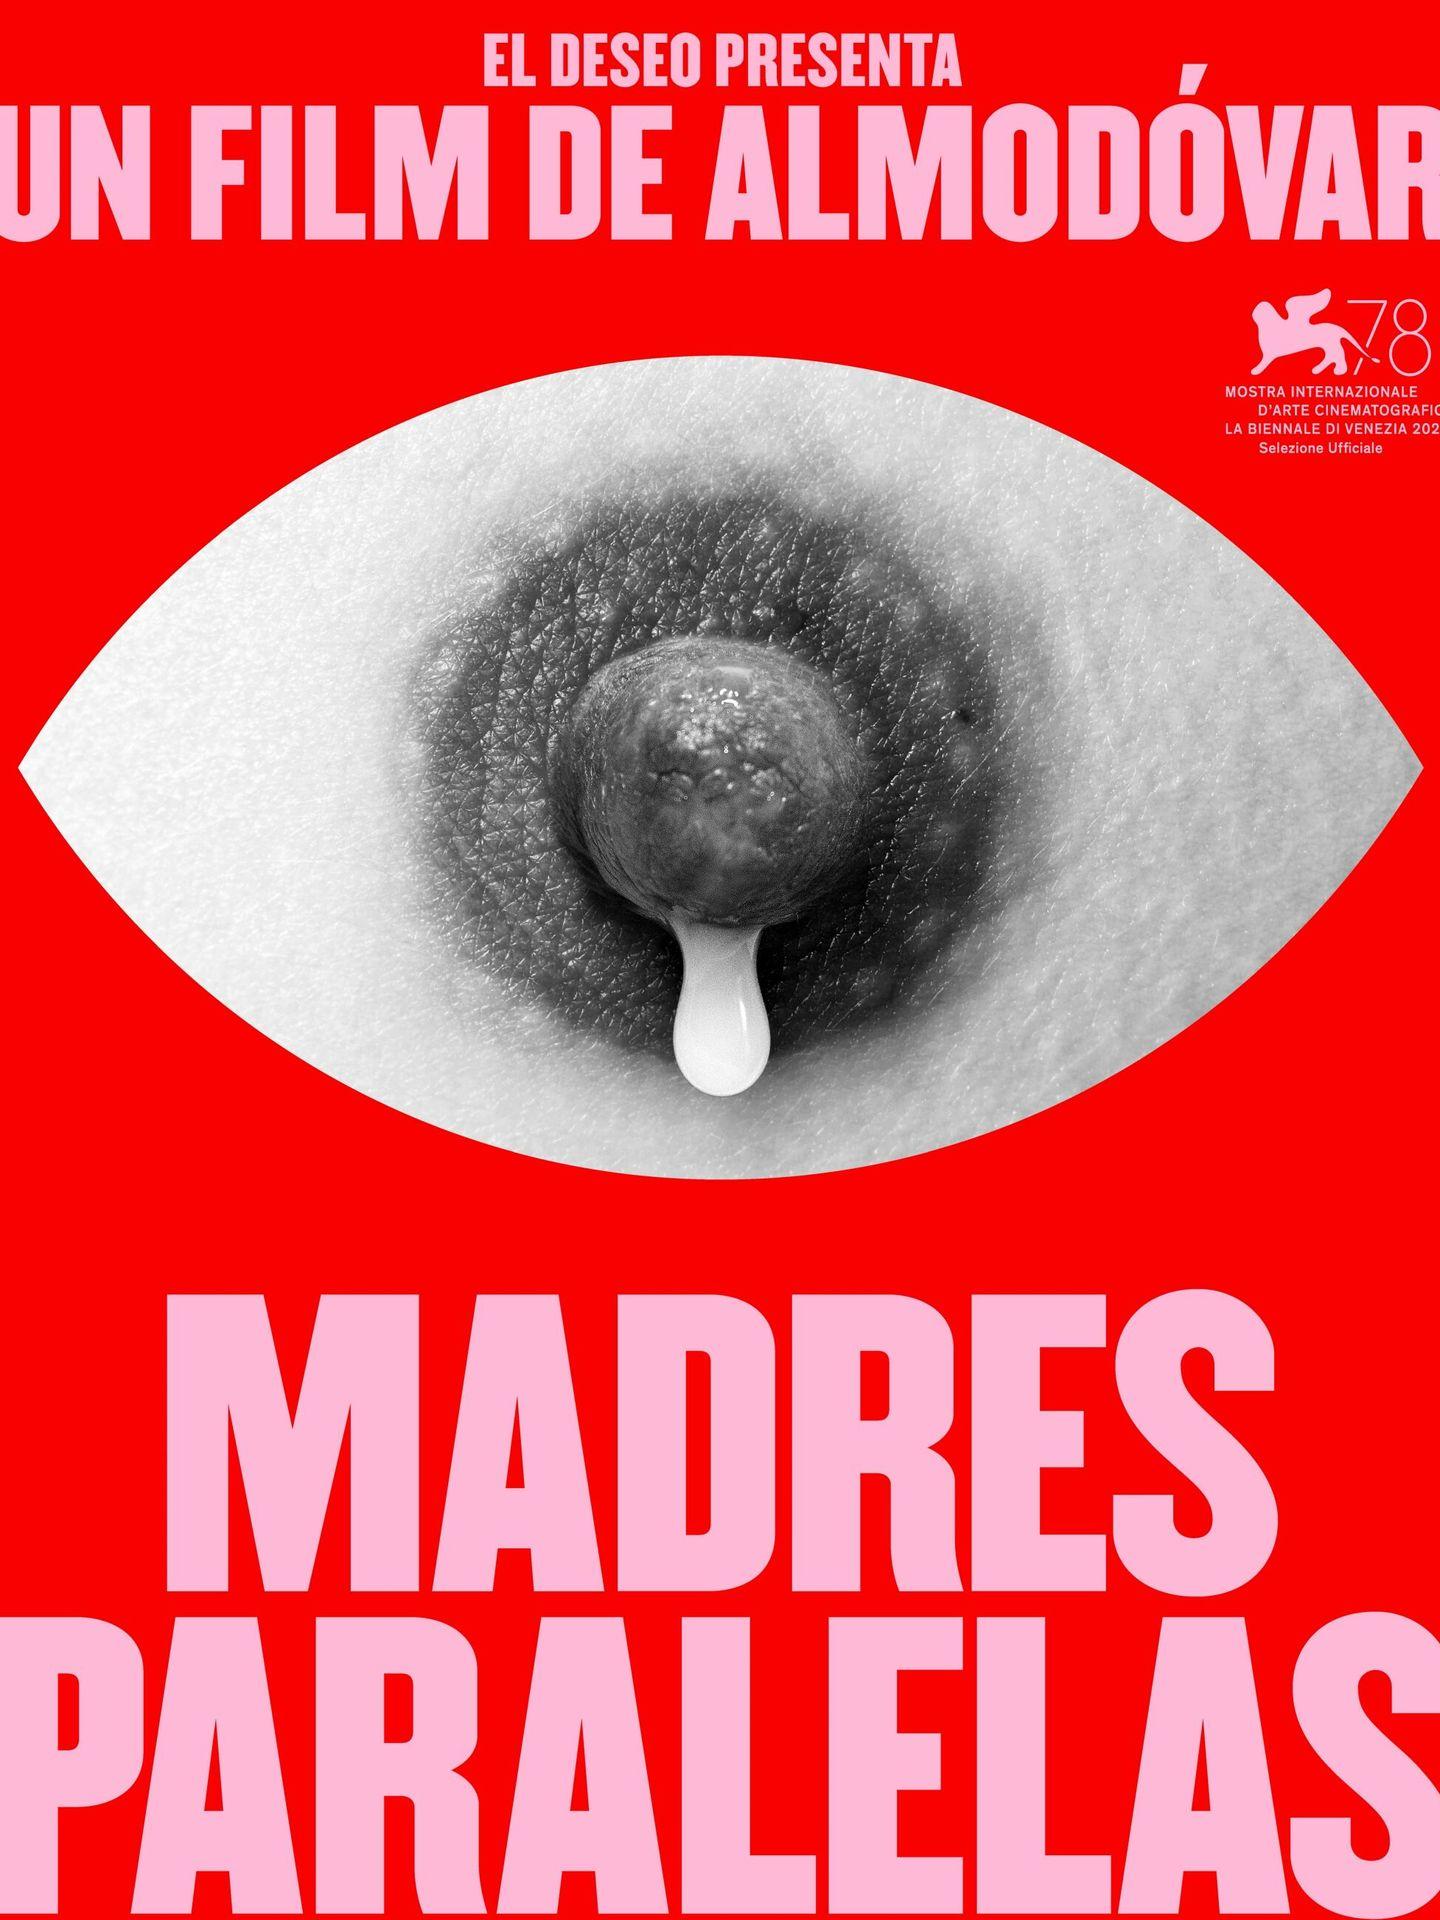 El cartel de 'Madres paralelas', el nuevo film de Pedro Almodóvar